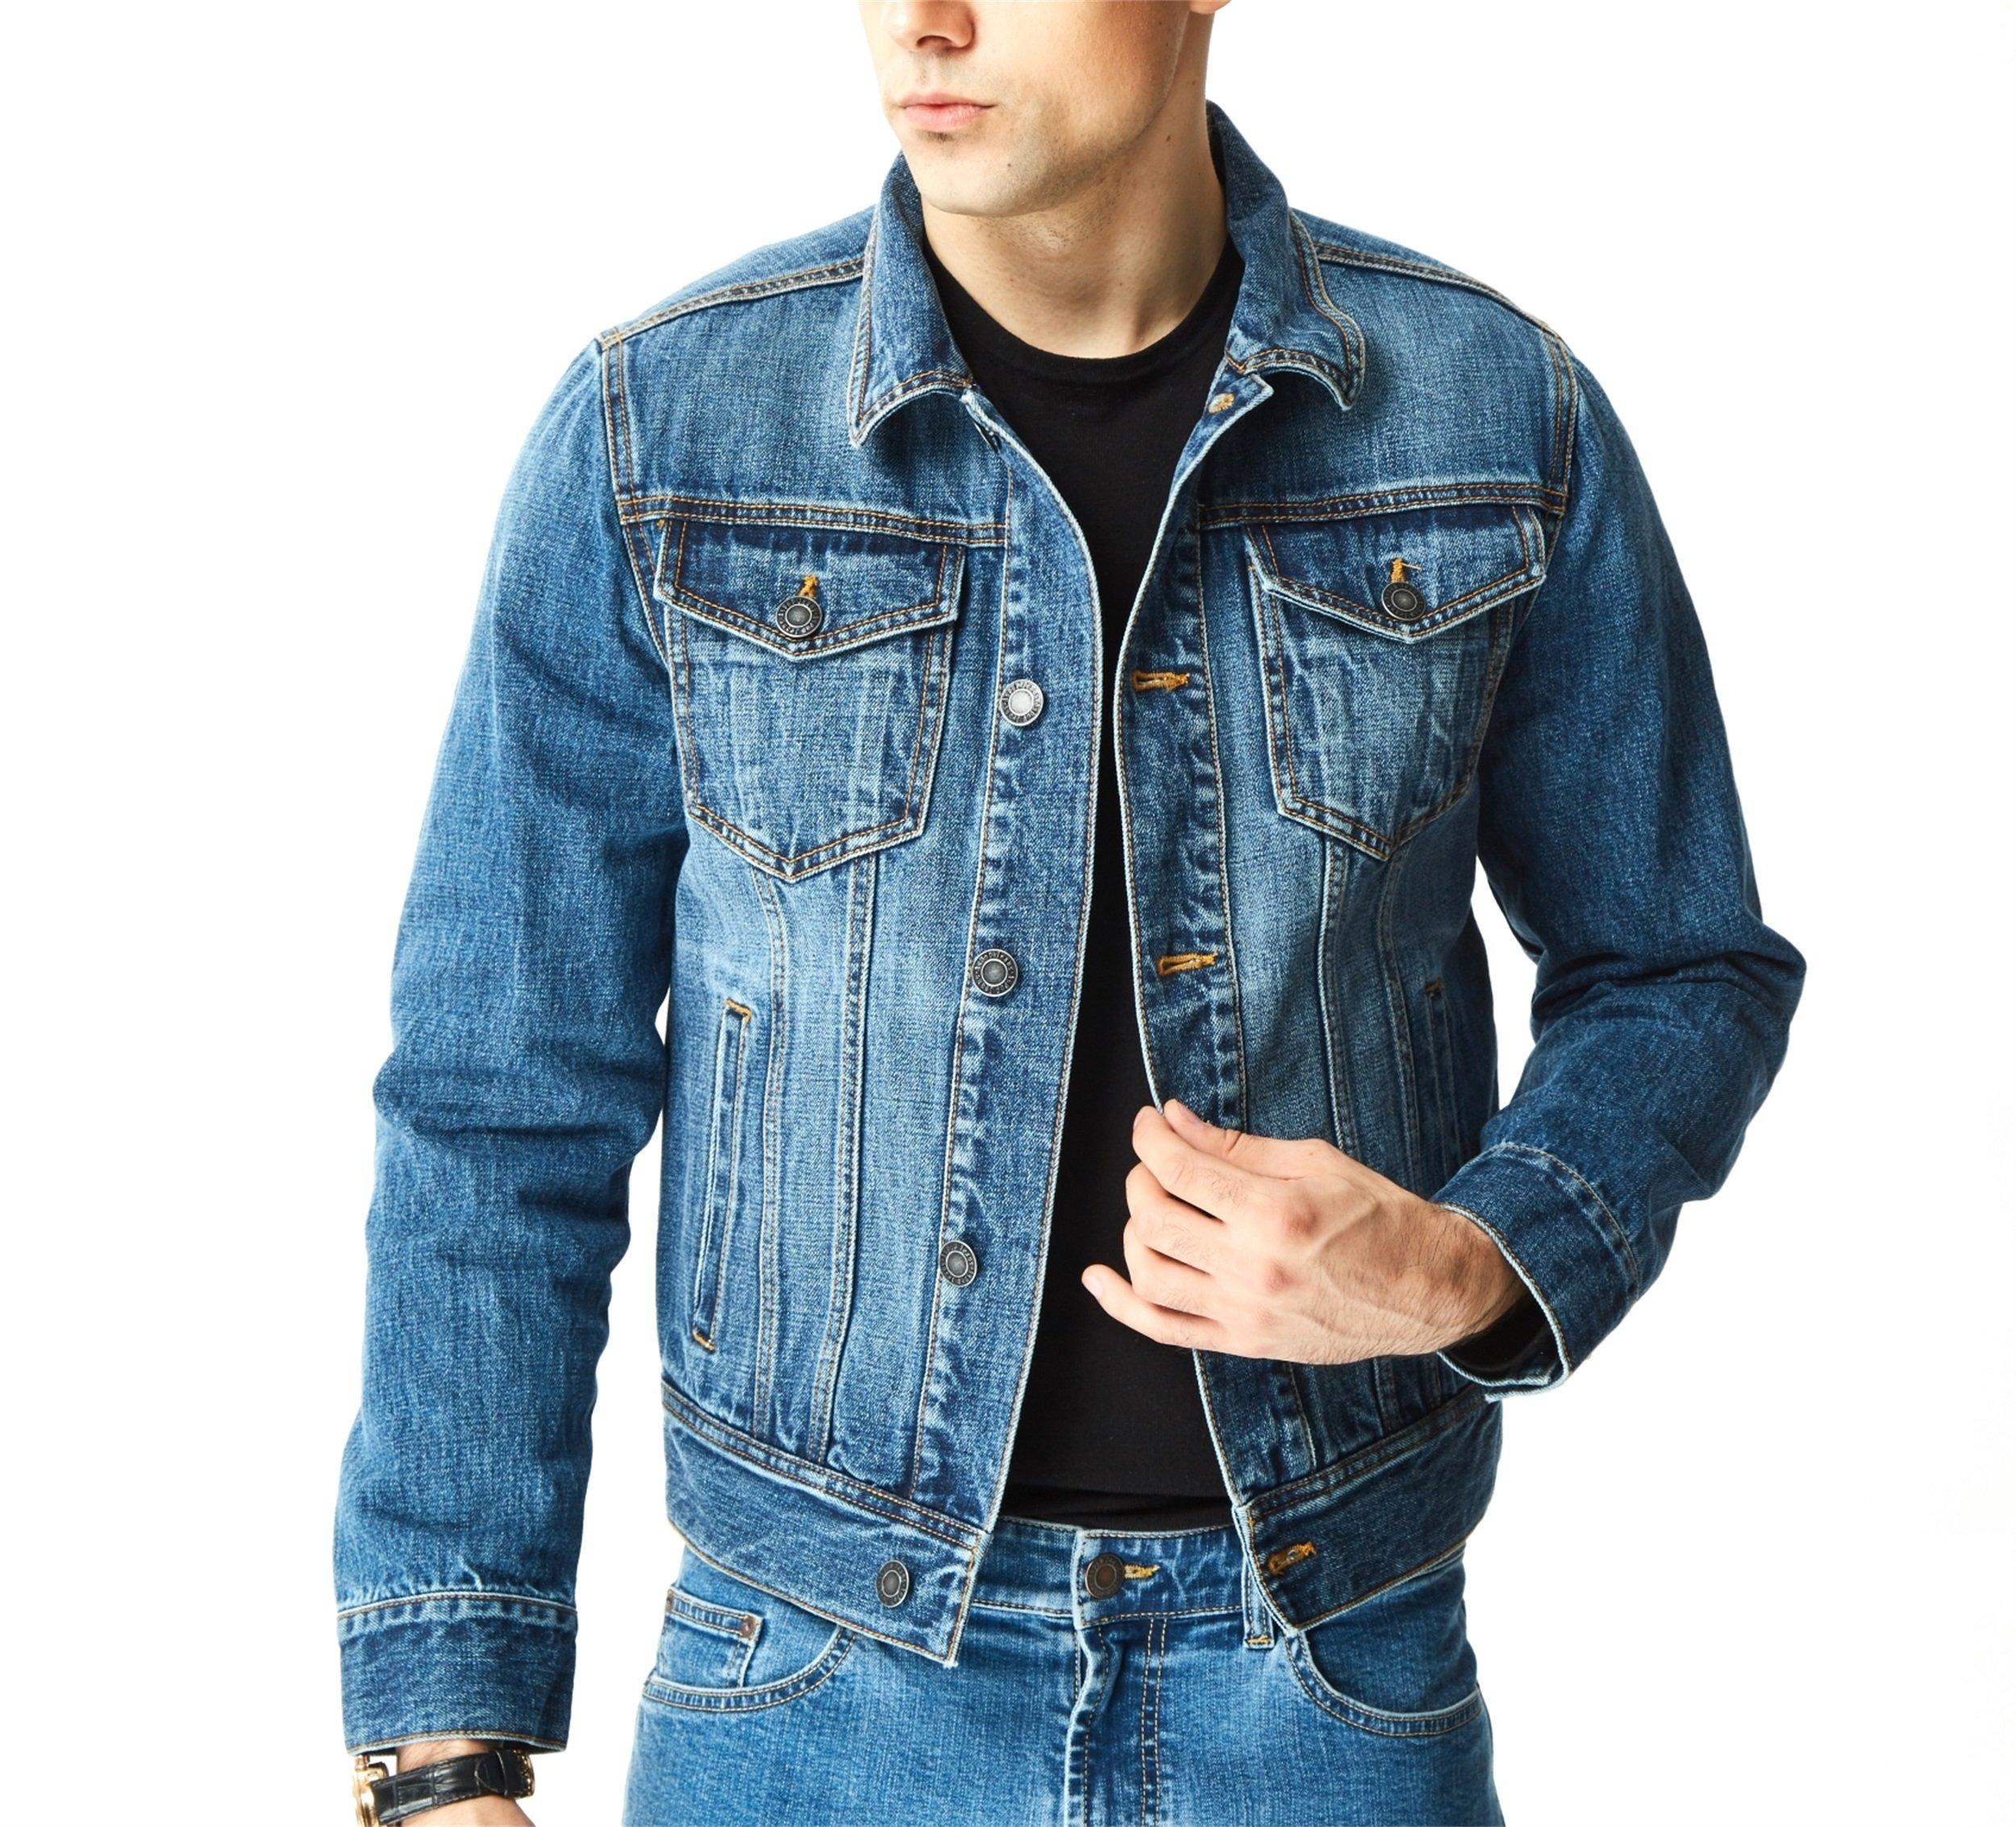 Aspop Jeans Men's Regular-Fit Jean Jacket S Dark Stone Wash by ASPOP